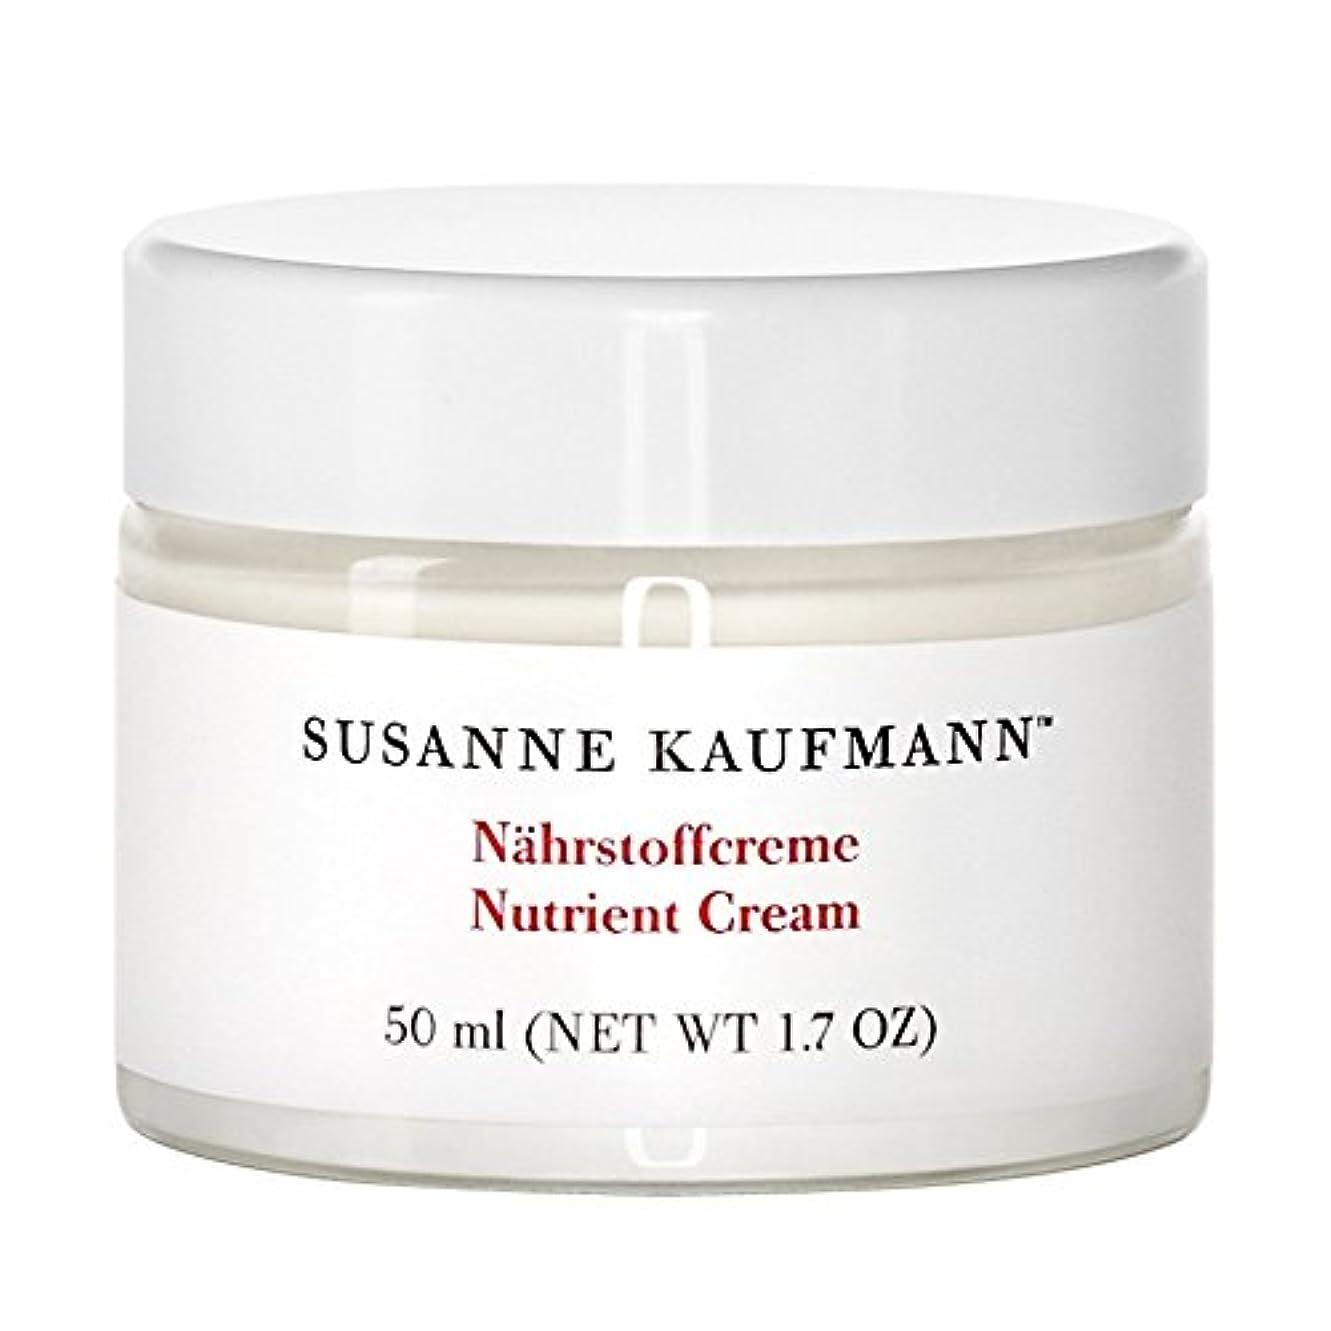 儀式ボートリードSusanne Kaufmann Nutrient Cream 50ml - スザンヌカウフマン栄養クリーム50 [並行輸入品]